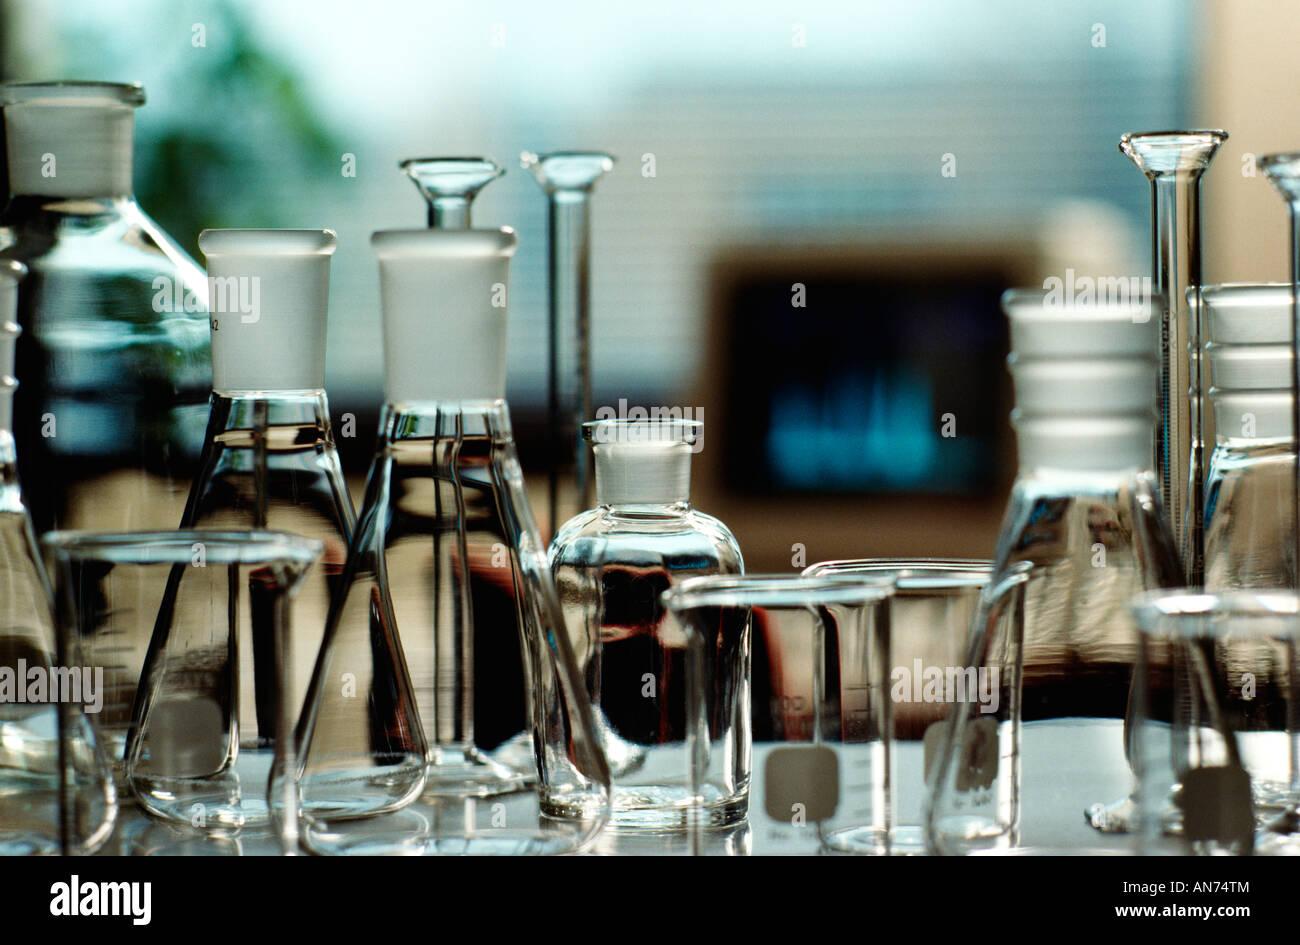 Glaswaren, bestehend aus Becher und Flaschen In Pharmaunternehmen Lab, Usa., Stockbild